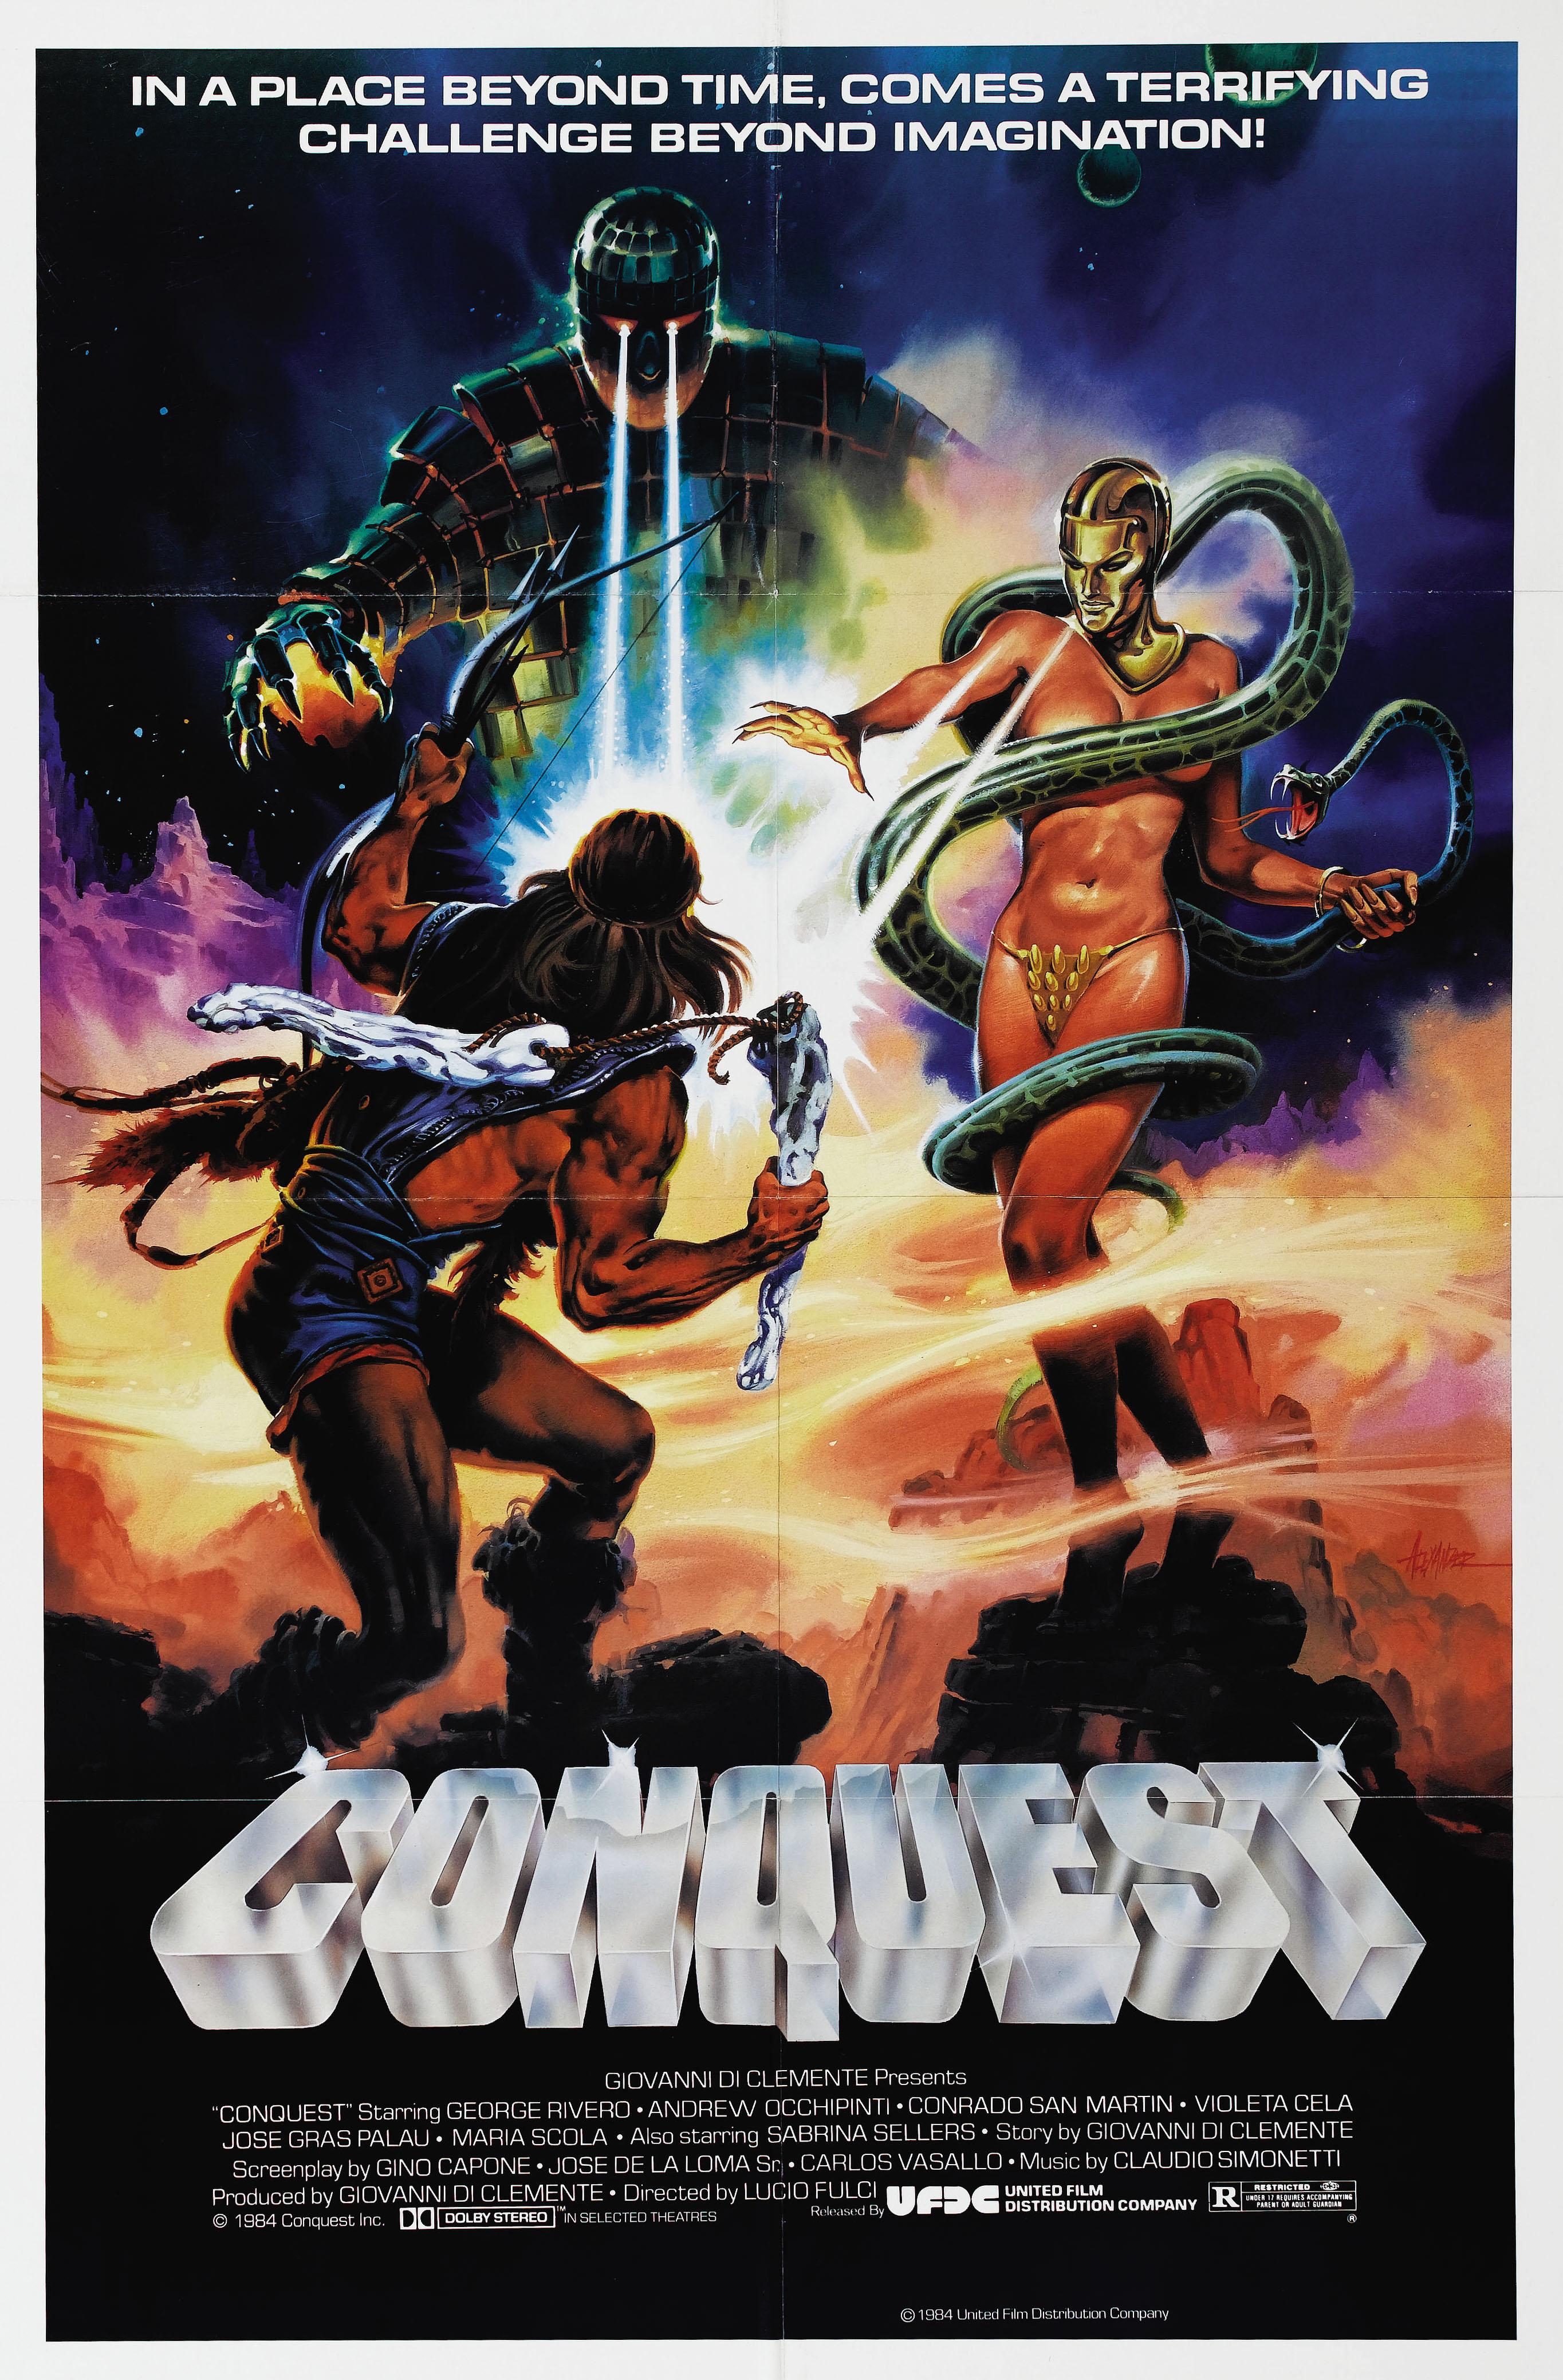 HMM conquest